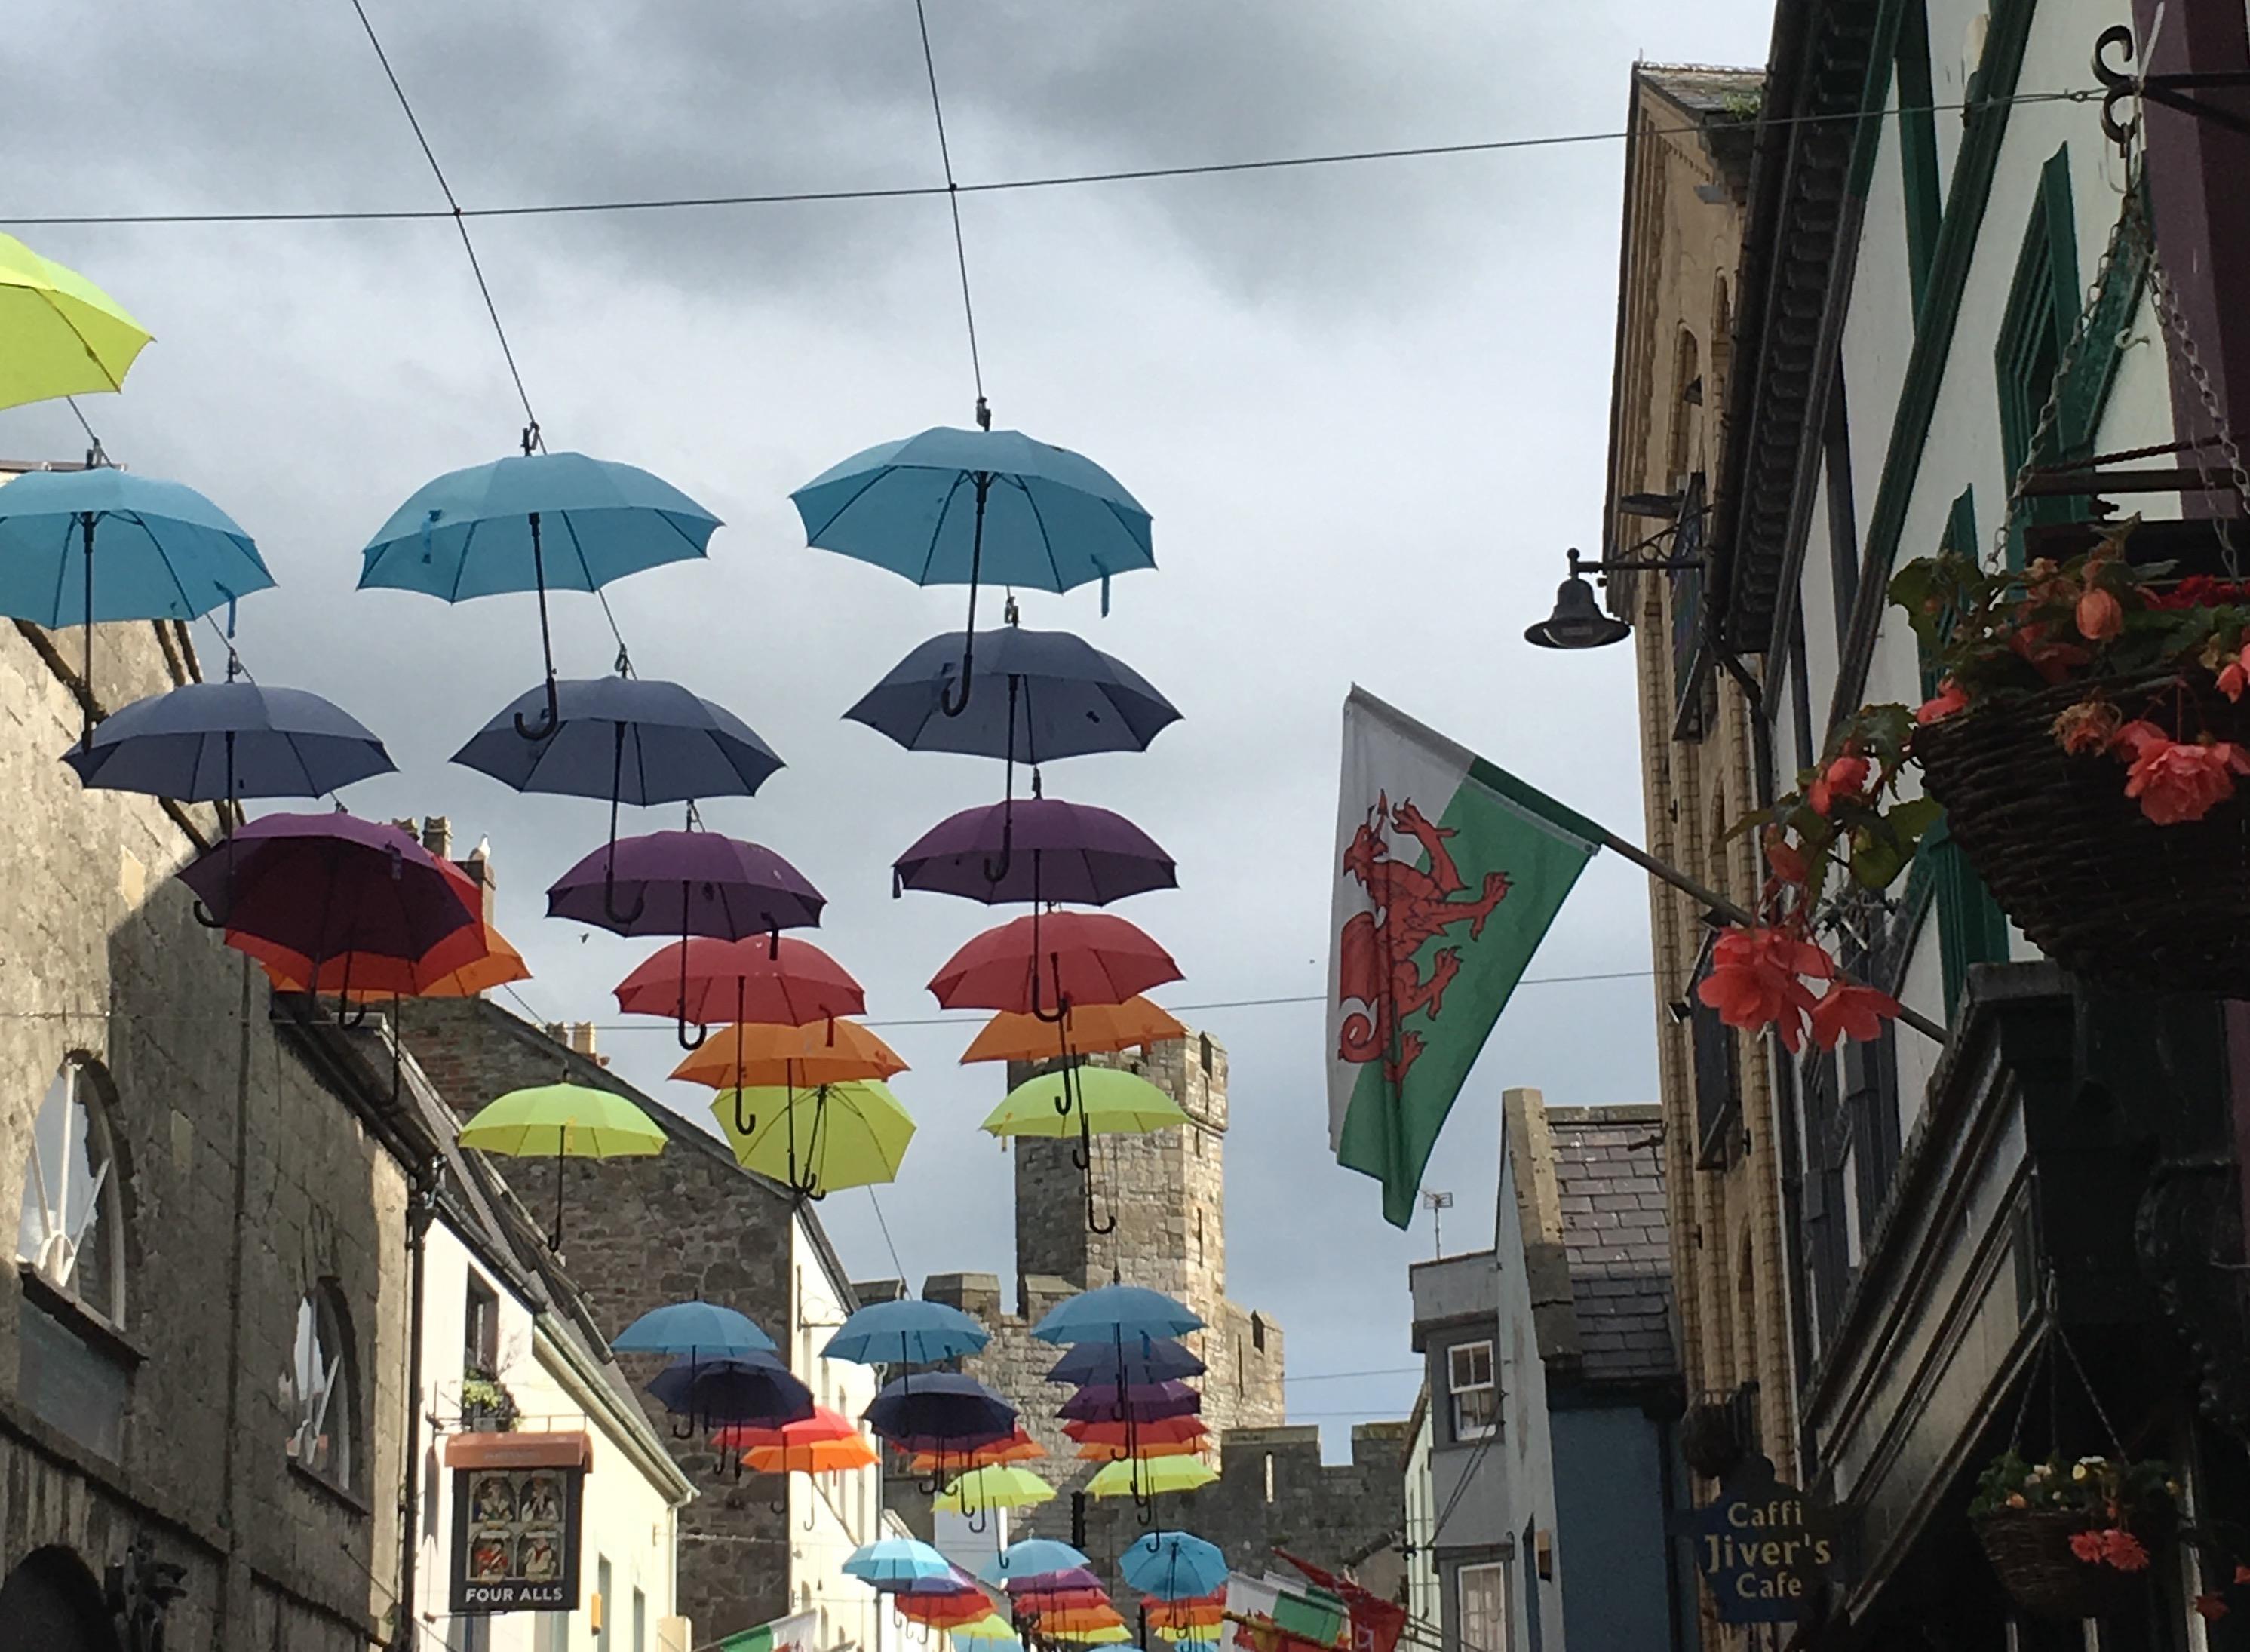 Caernarfon - Stadtansicht mit Drachen-Wappen und Schirmen